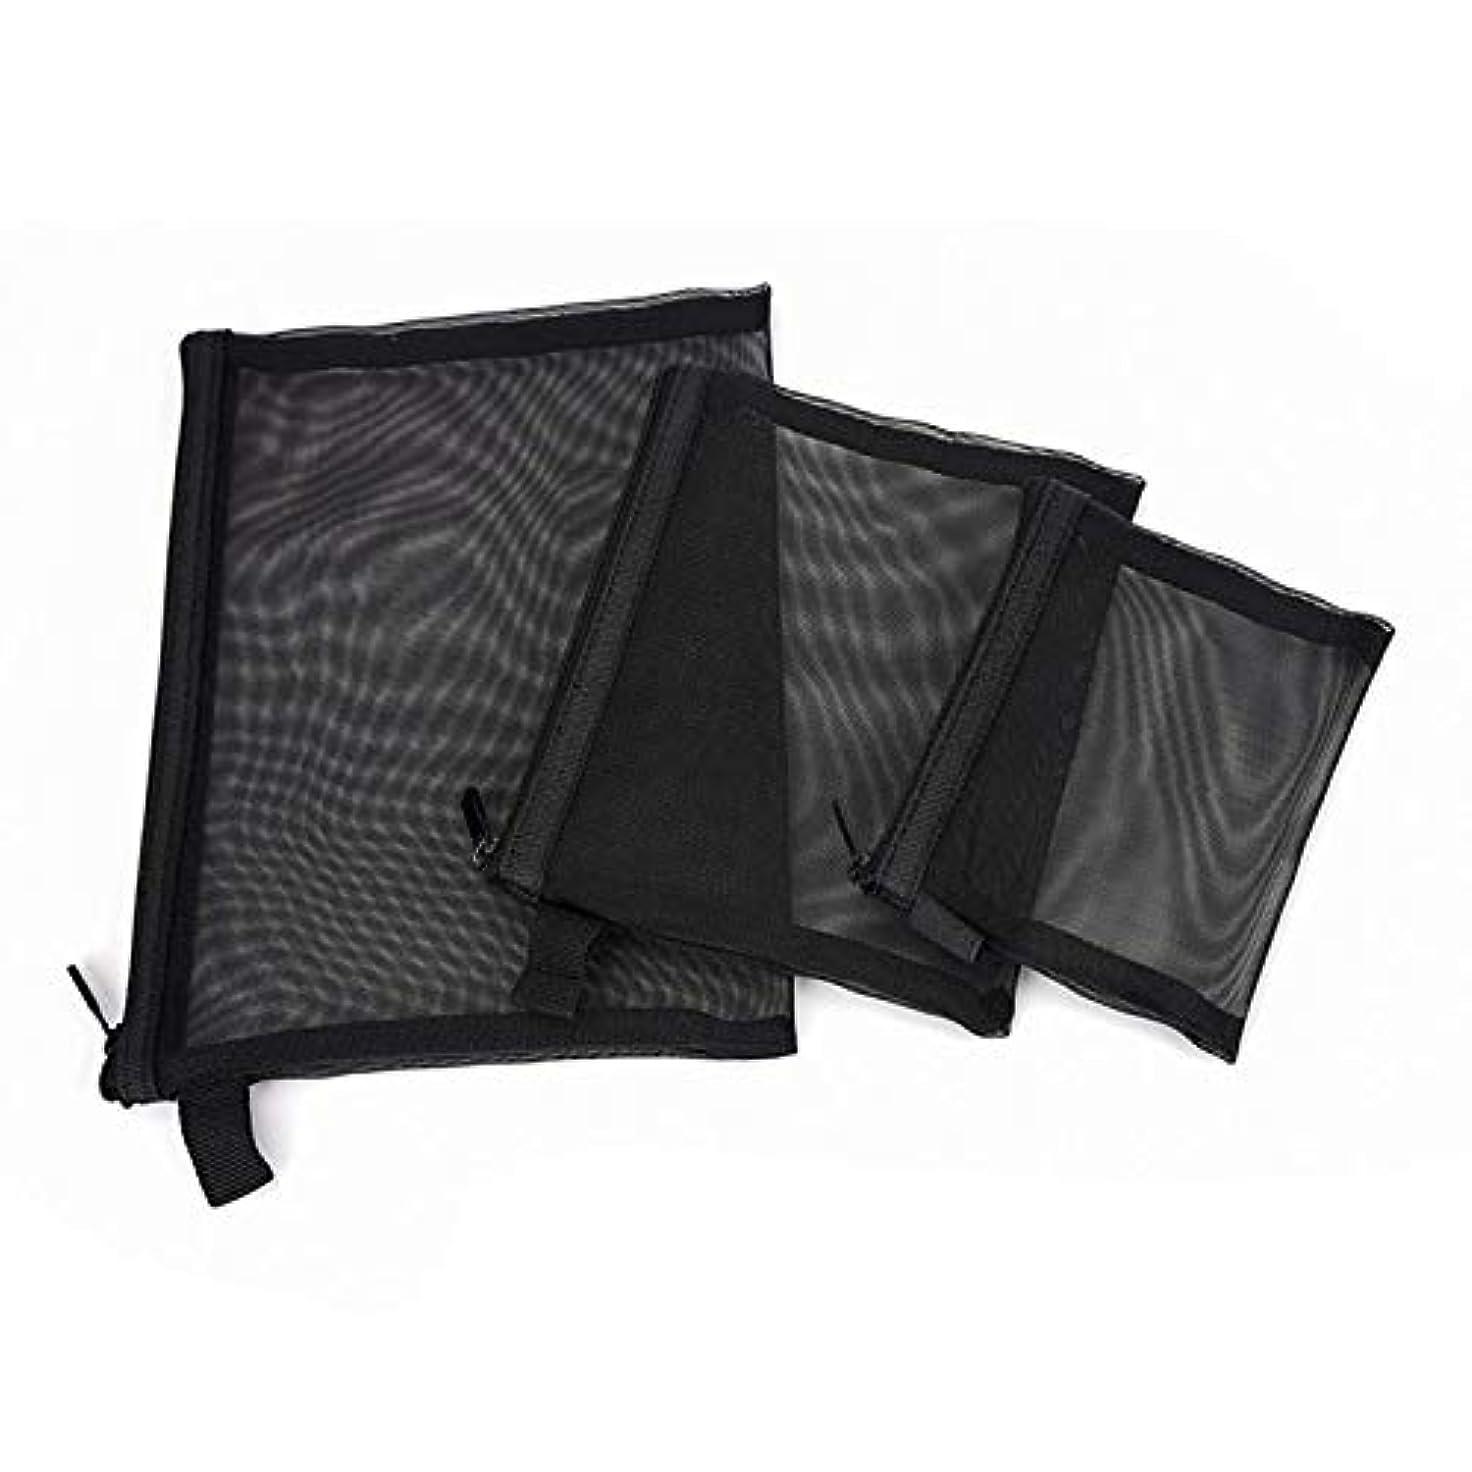 吸い込む欲求不満比較的RETYLY トラベルトイレタリーキットセット収納ポーチビューティーメイクアップコスメアクセサリーオーガナイザー3個組(S/M/L)ブラック